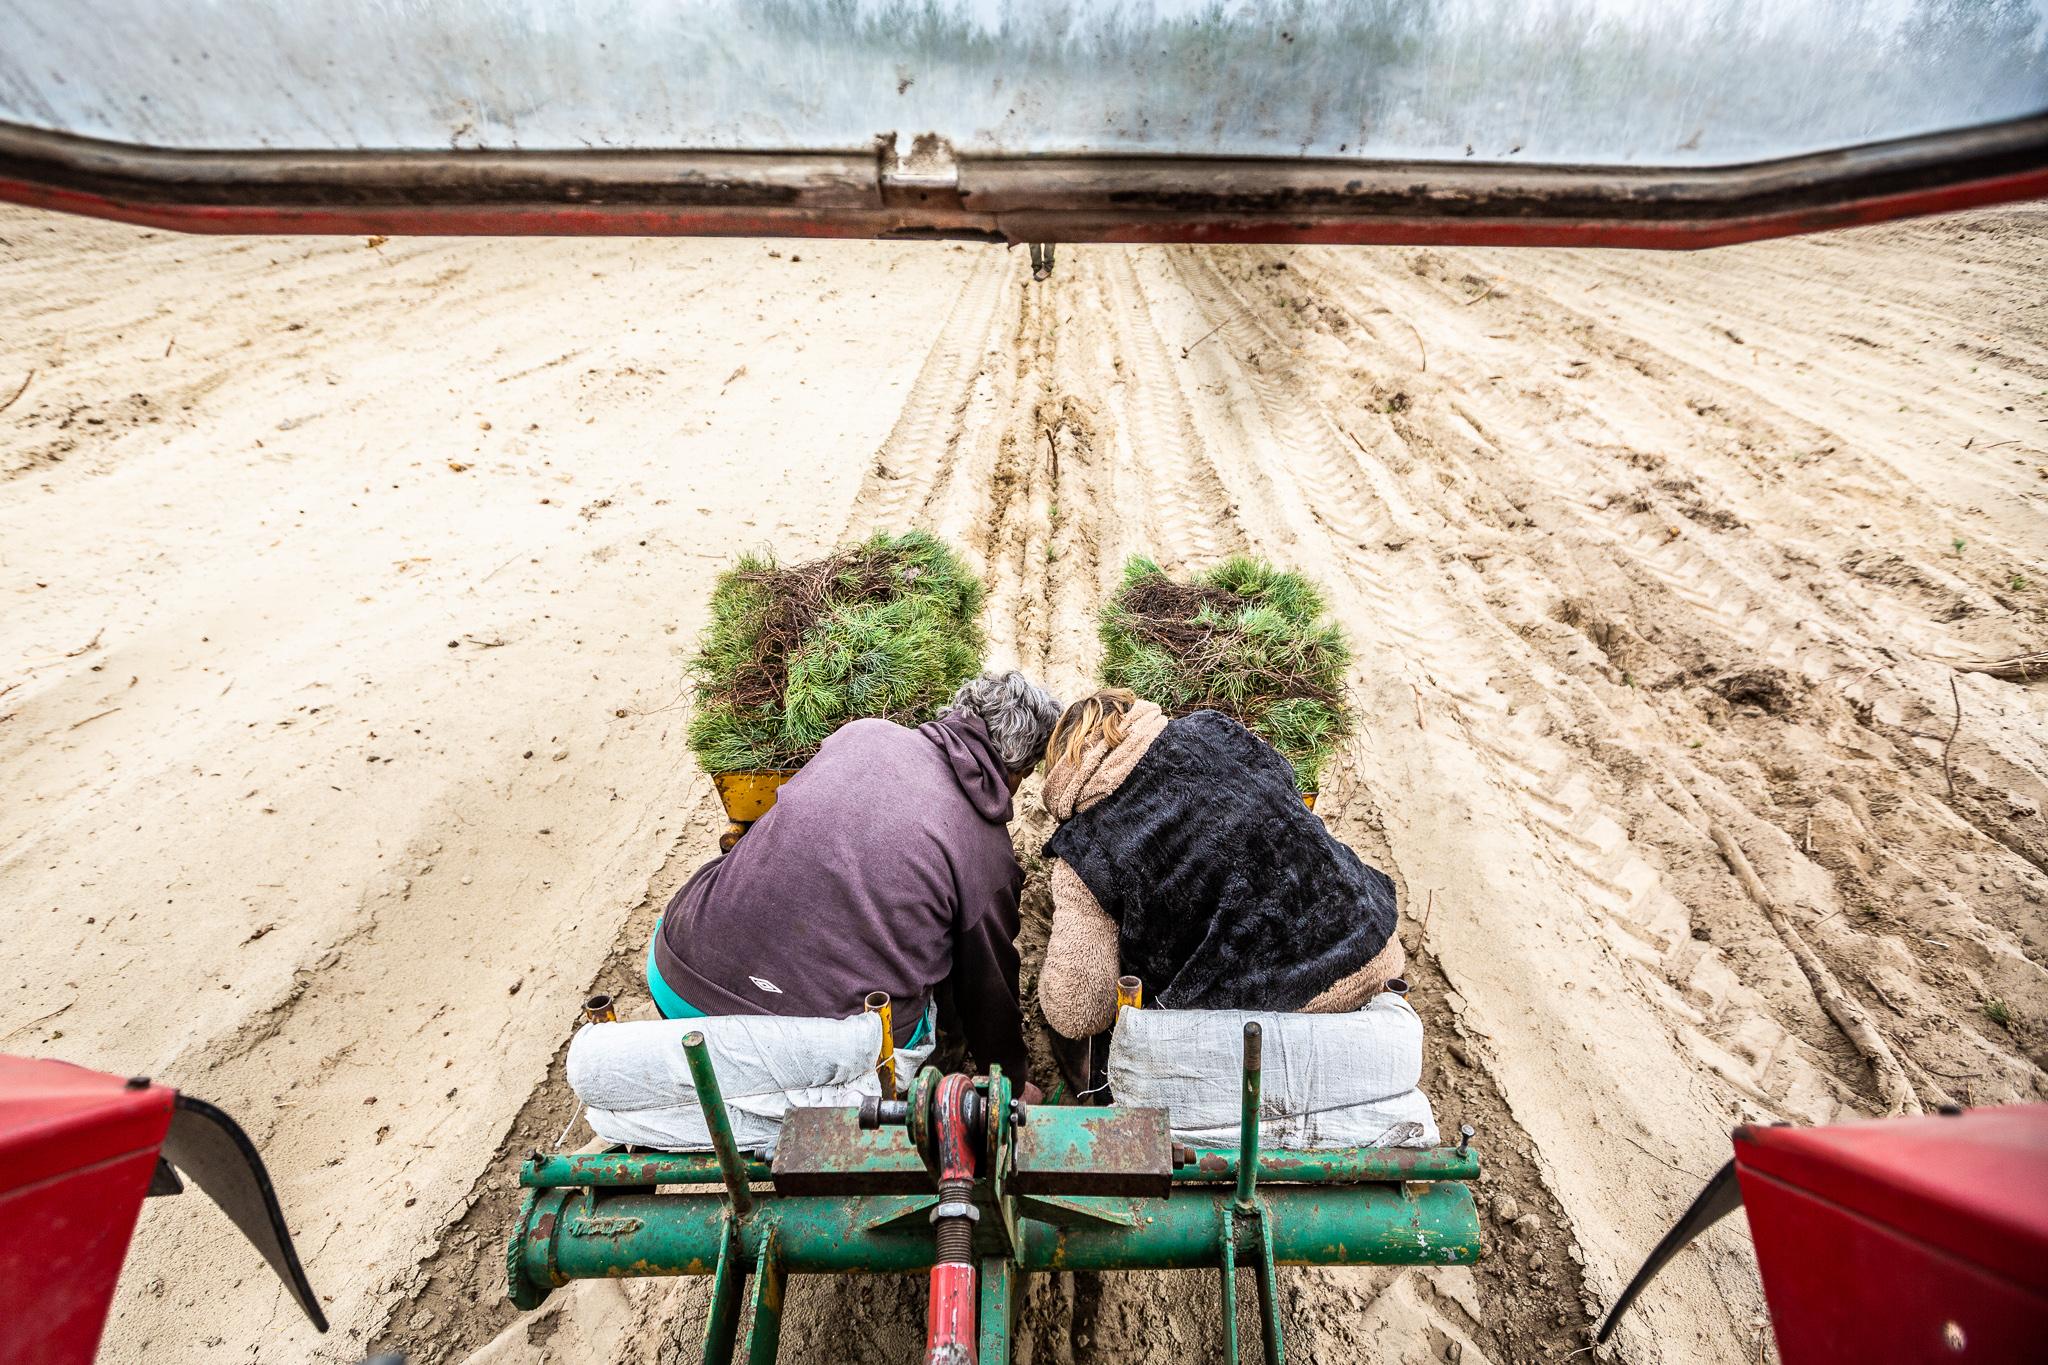 Az elmúlt 10 évben alig nőtt a magyar erdők területe, az Agrárminisztérium most nekiugrana a fásításnak